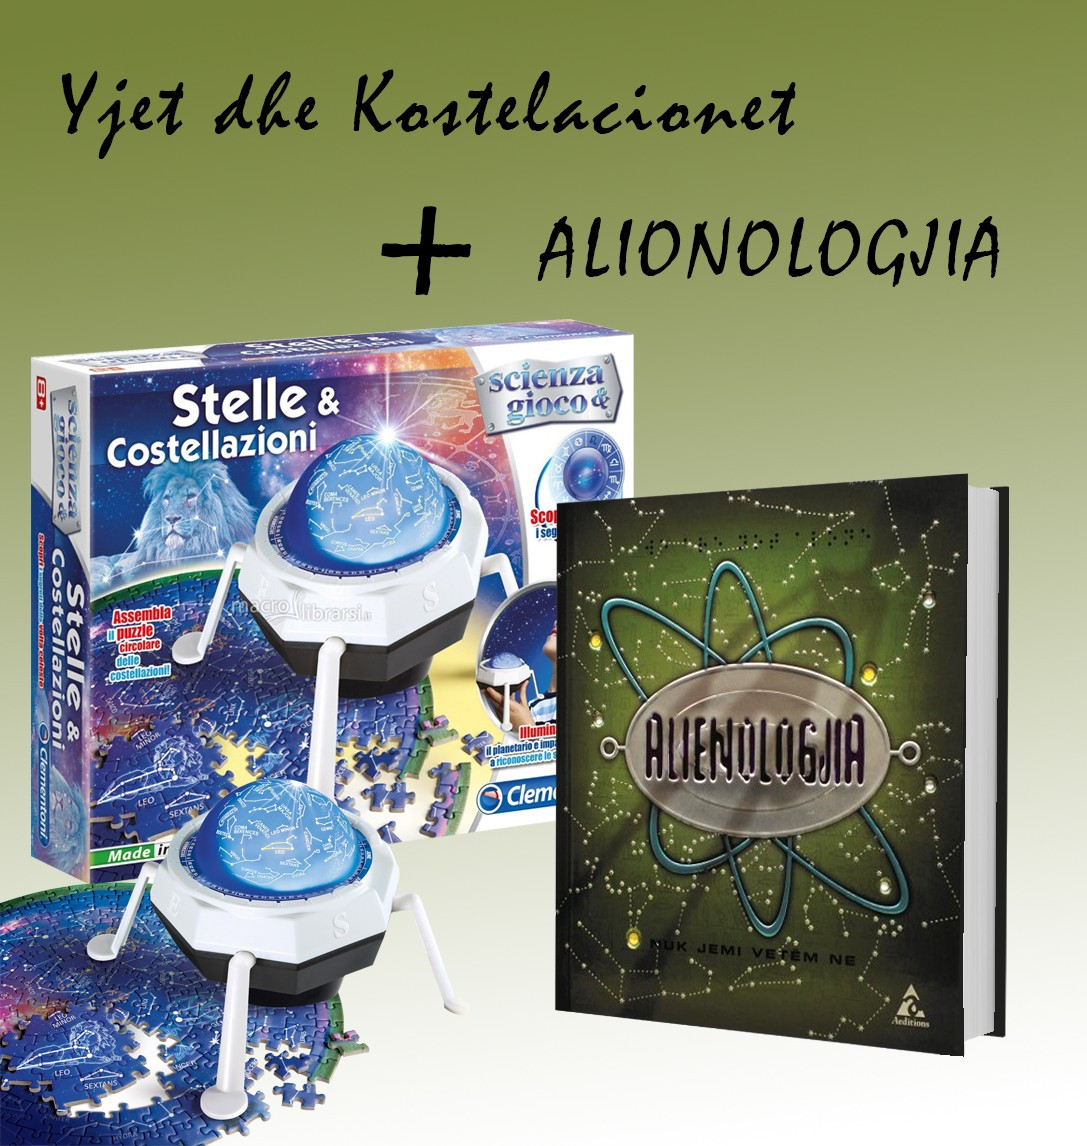 """Set Yjet dhe kostelacionet + """"Alienologjia"""""""